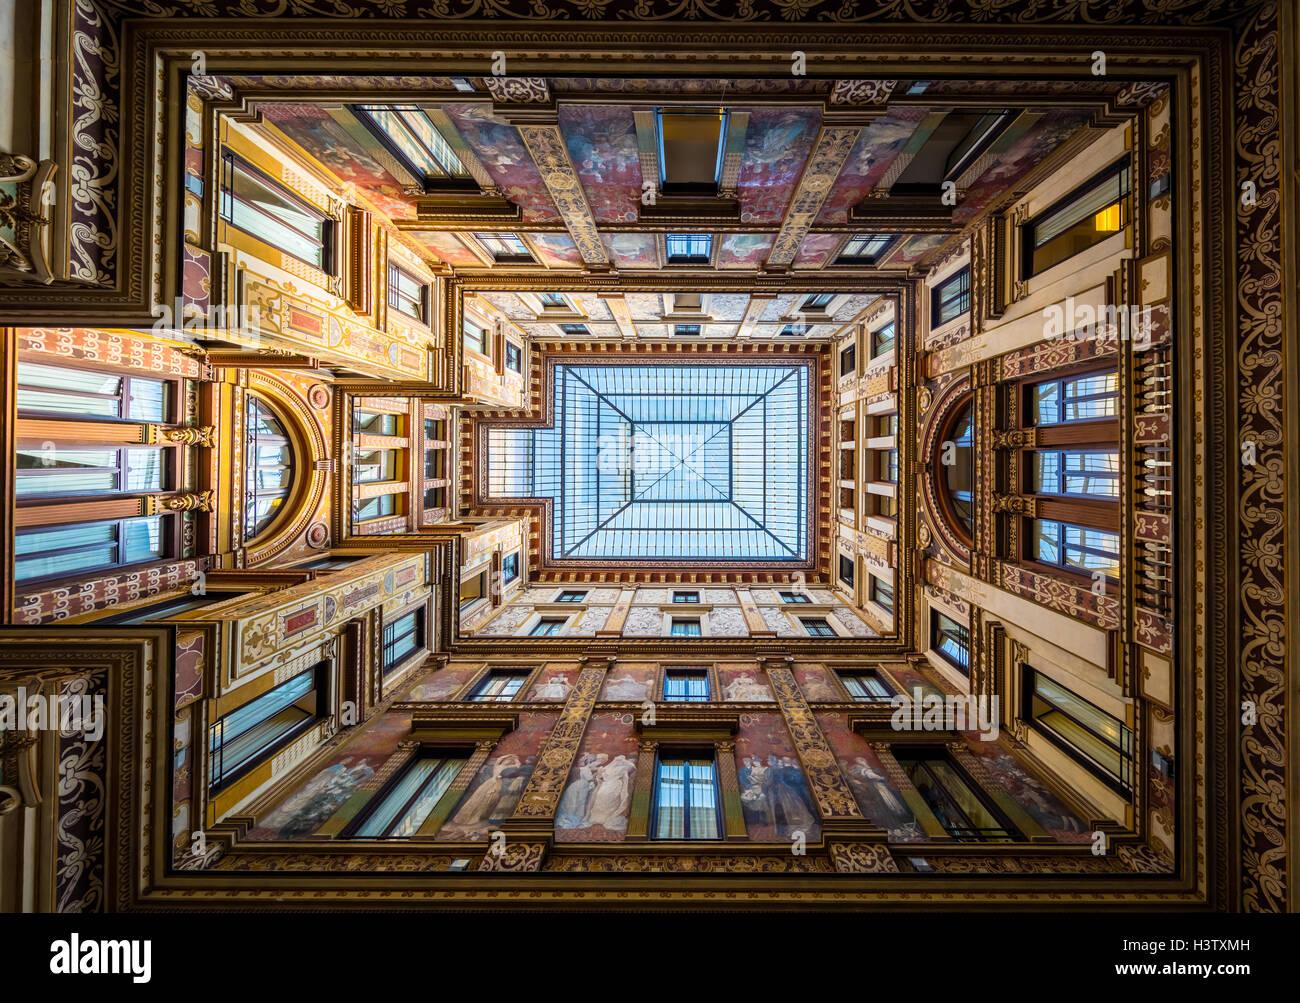 Innenhof der Galleria in Rom, Italien Stockbild